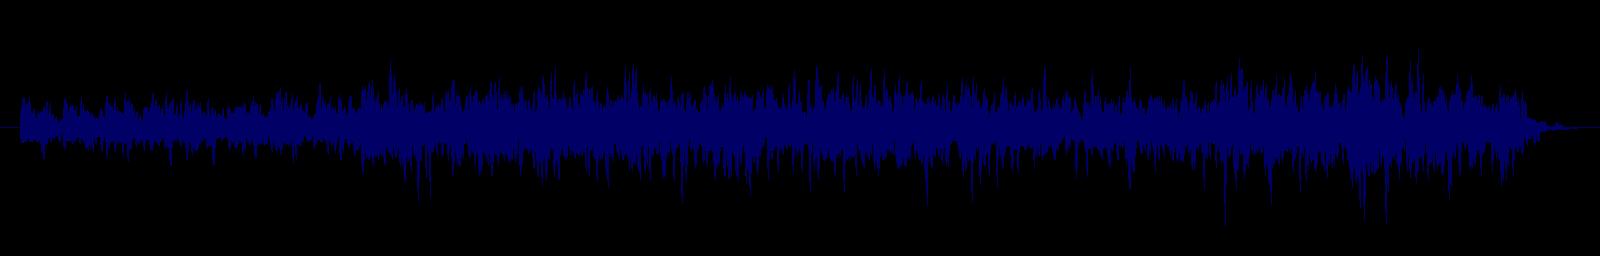 waveform of track #140532